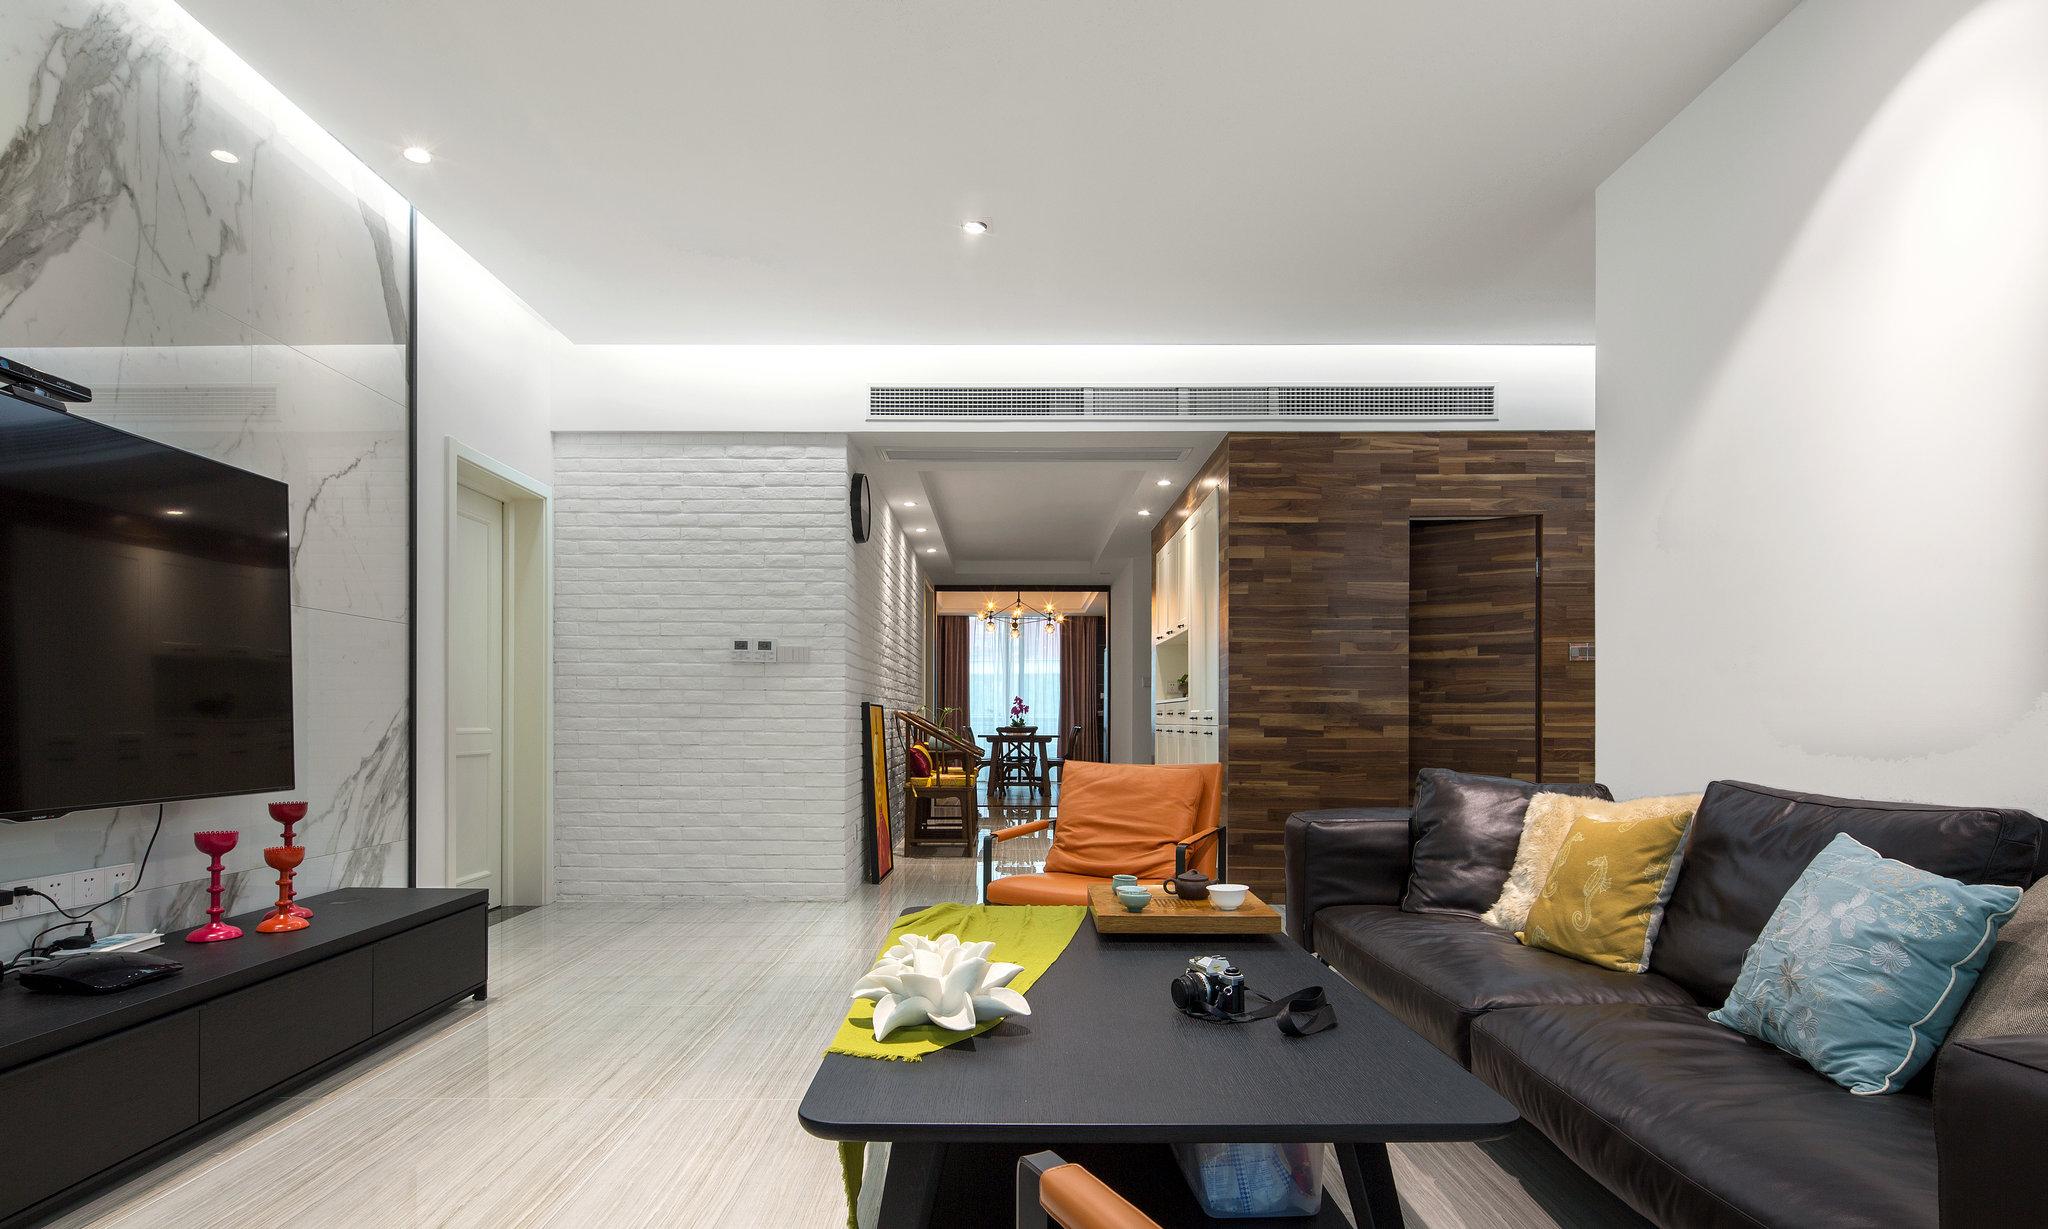 媳妇花65万元就把215平米的房子装修好了,大家觉得怎么样?-白领公寓装修